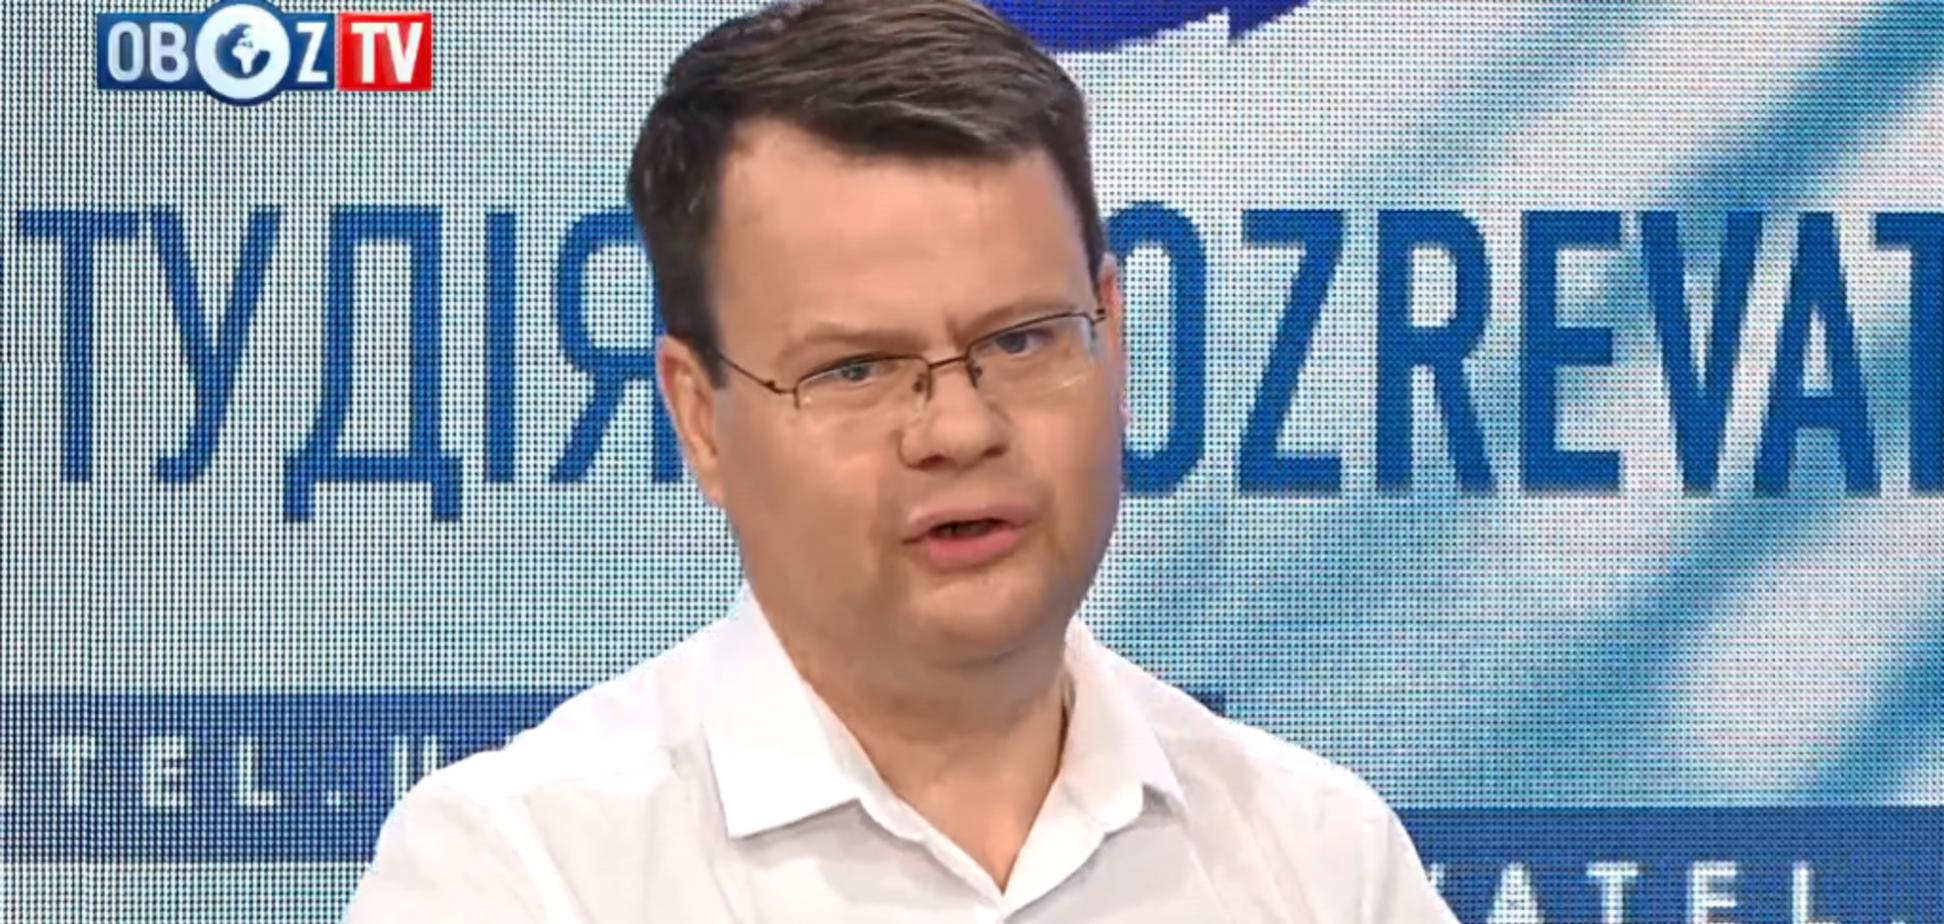 Доллар в Украине подорожает: экономист рассказал, когда и на сколько